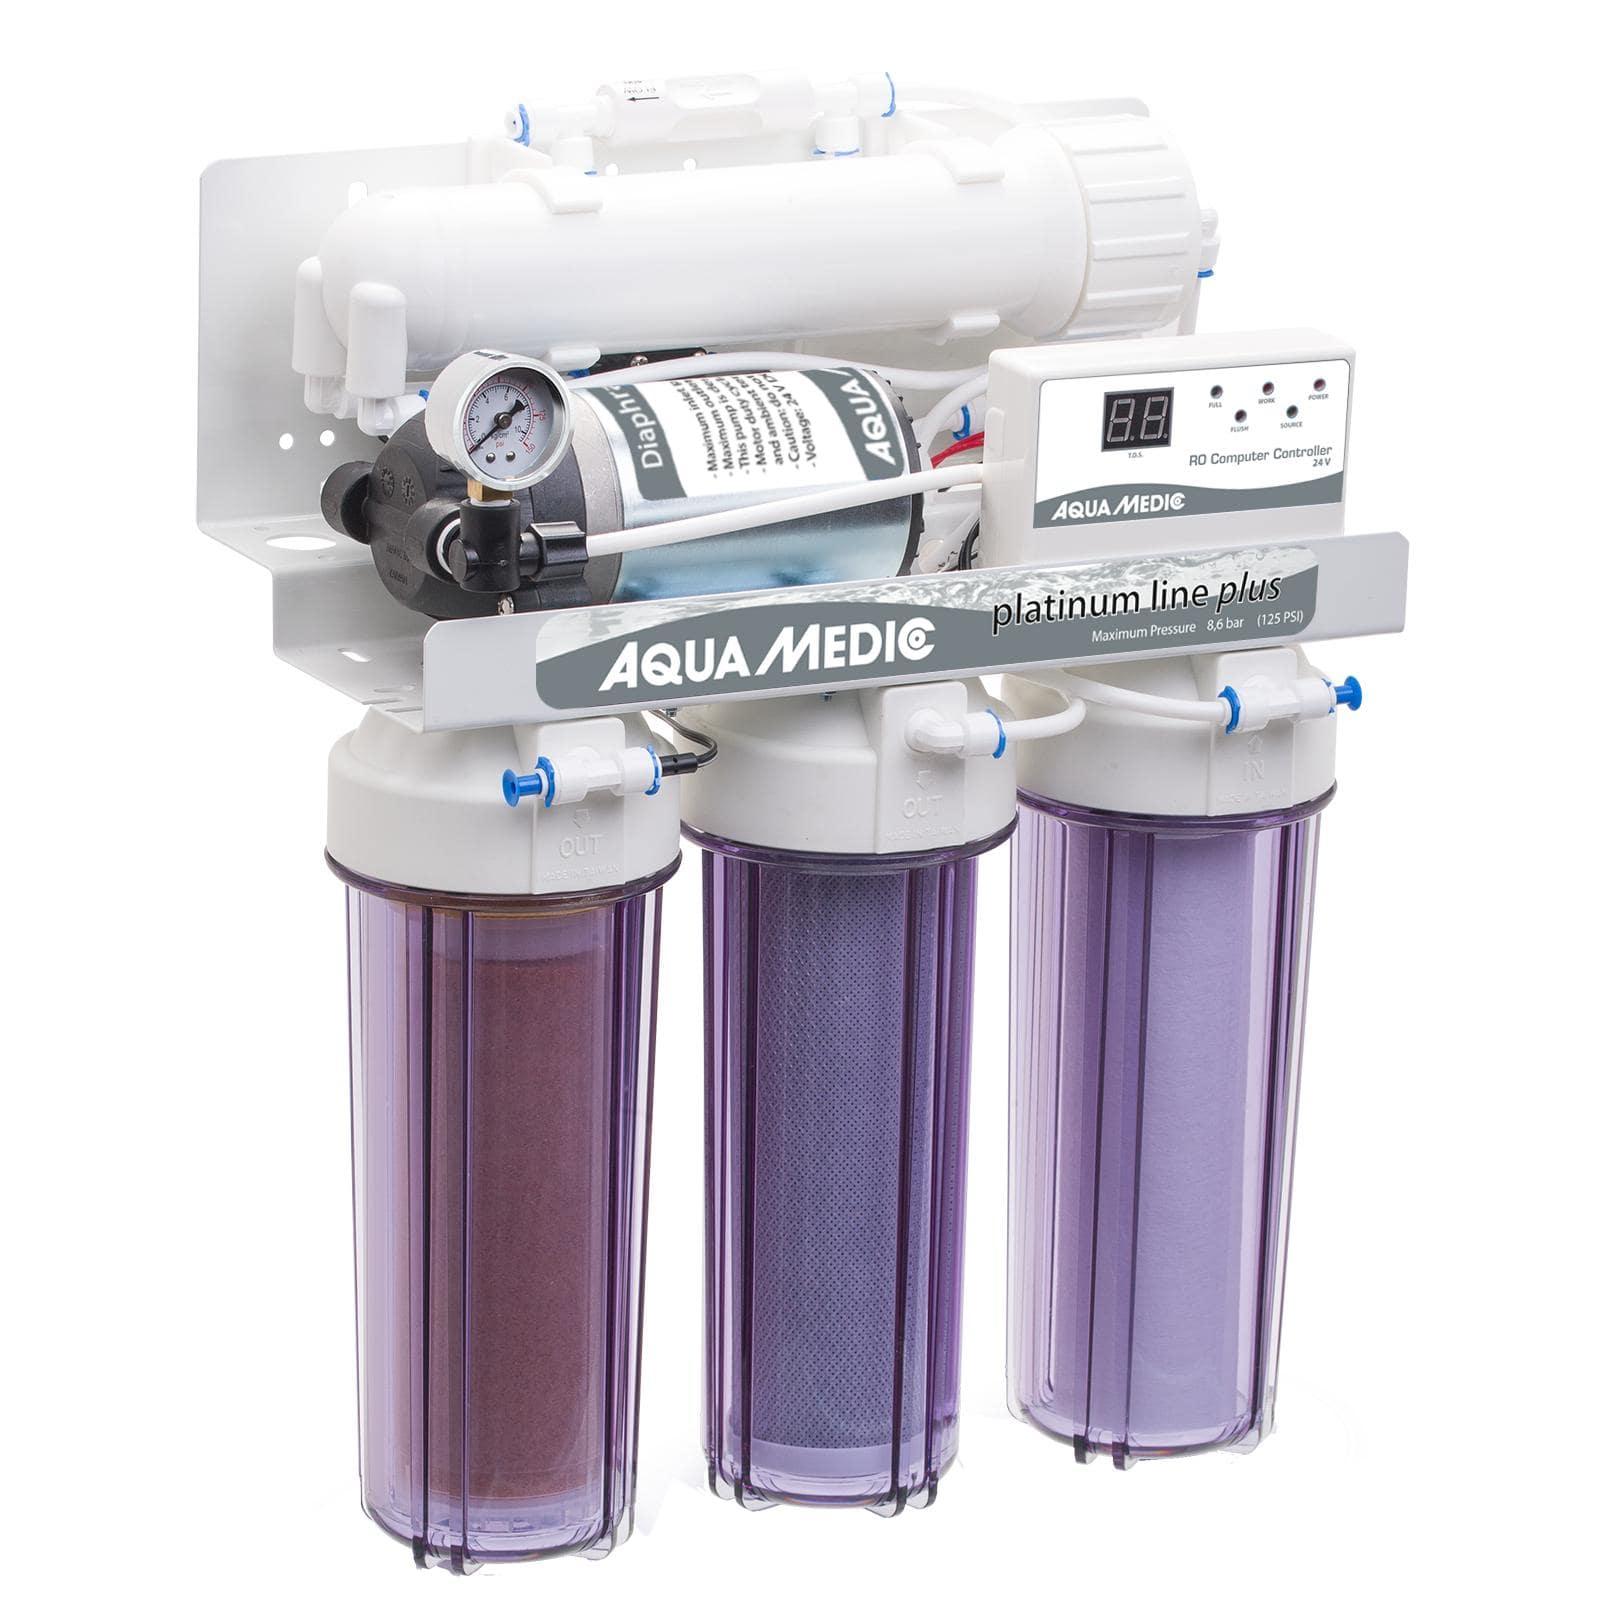 AQUA MEDIC Platinum Line Plus 24V station d\'osmose inverse 400 L/j avec pompe booster, contrôleur électronique et accessoires